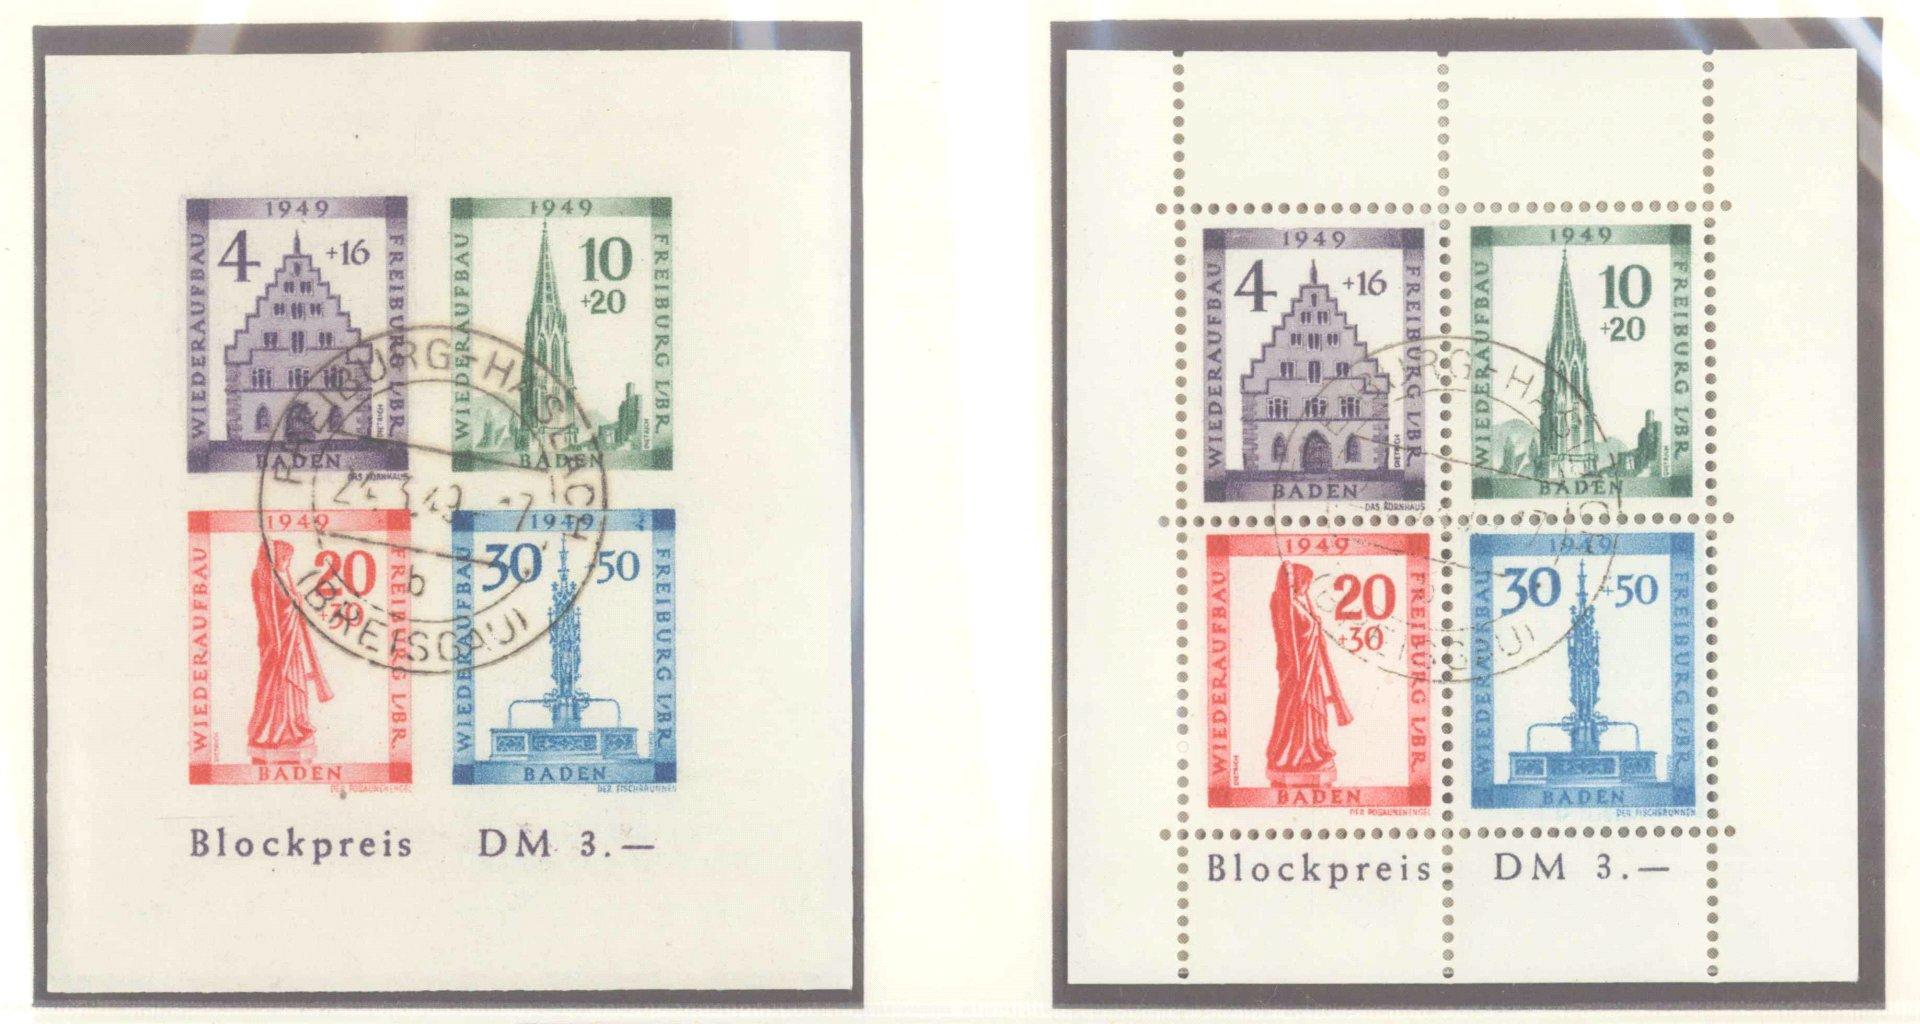 FRANZÖSISCHE ZONE BADEN 1949, Wiederaufbau-Blocks